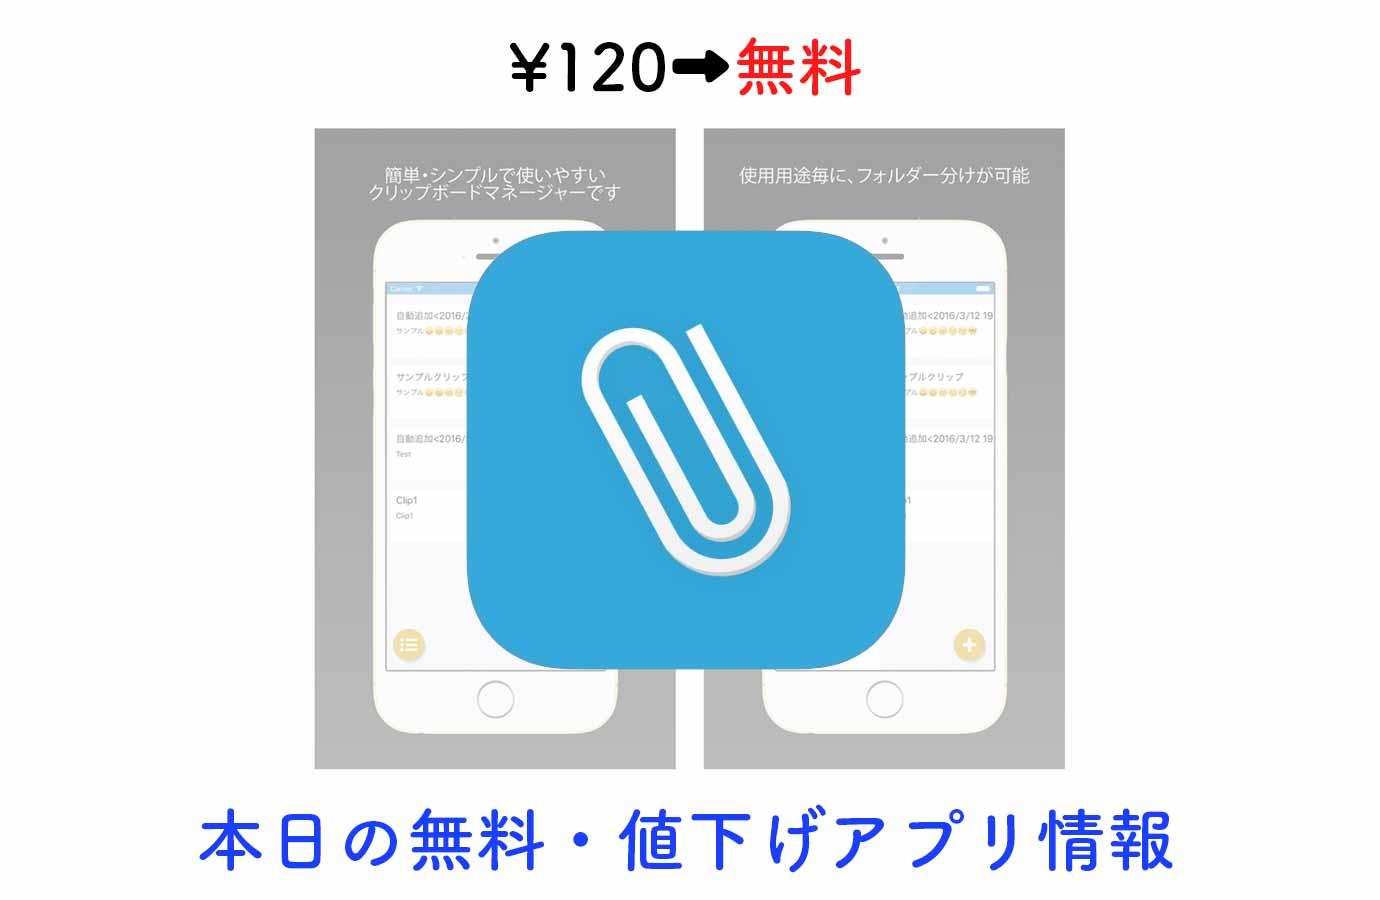 ¥120→無料、アプリ起動でコピーした内容を保存できる便利ツール「らくコピ」など【9/3】本日の無料・値下げアプリ情報